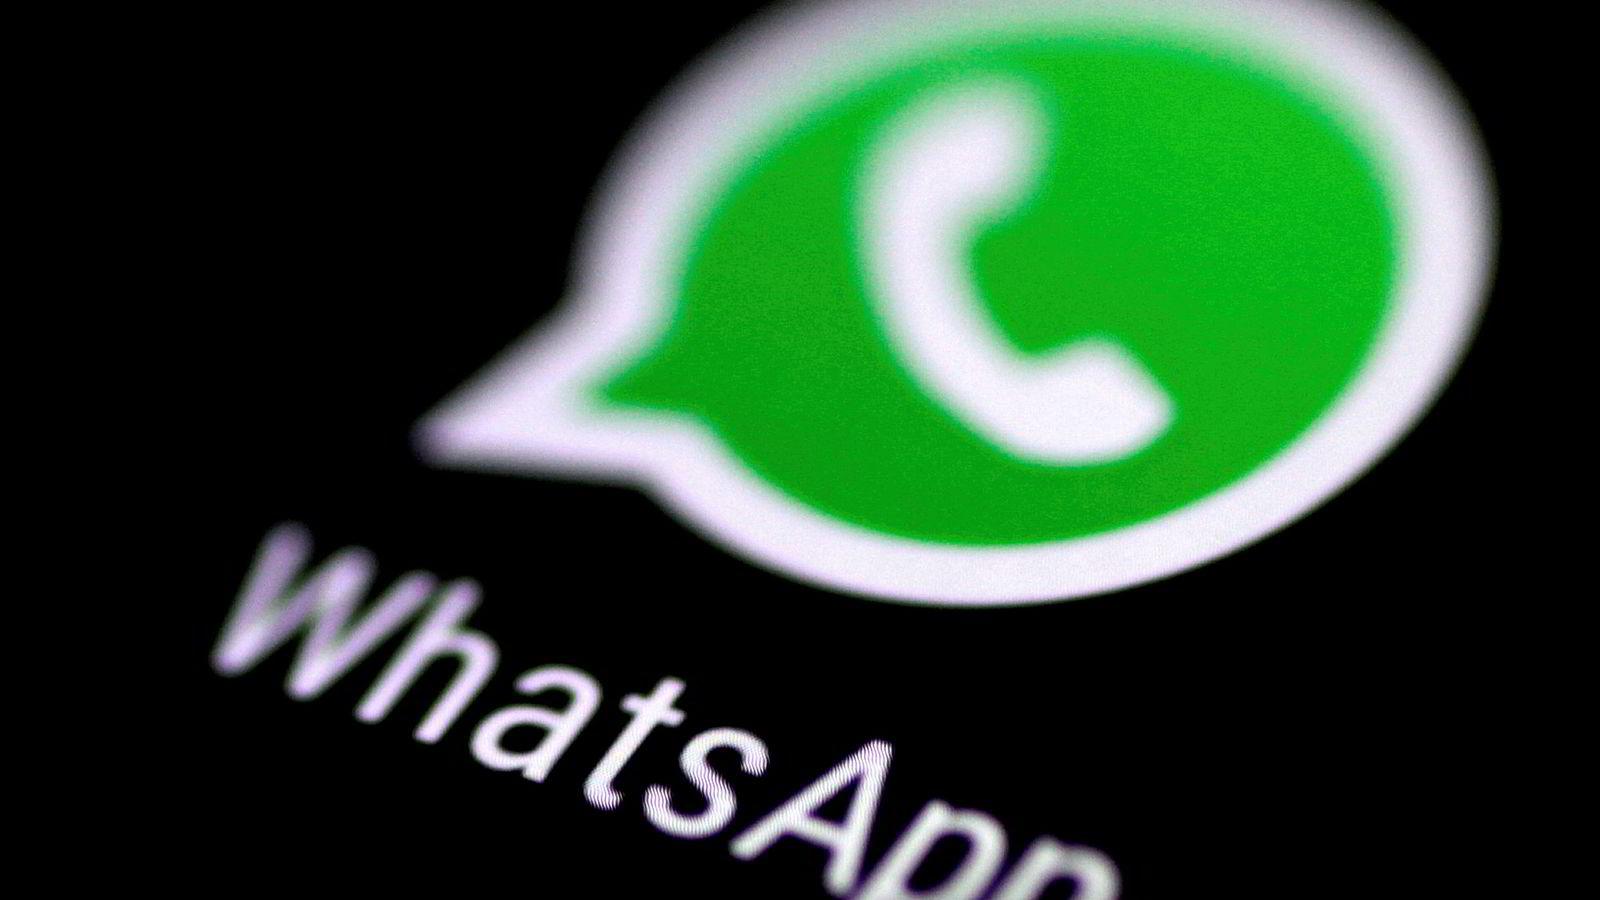 Whatsapp er lovlig i Kina, men ledelsen ved University of California mener studenter bør være forsiktige med å bruke den.